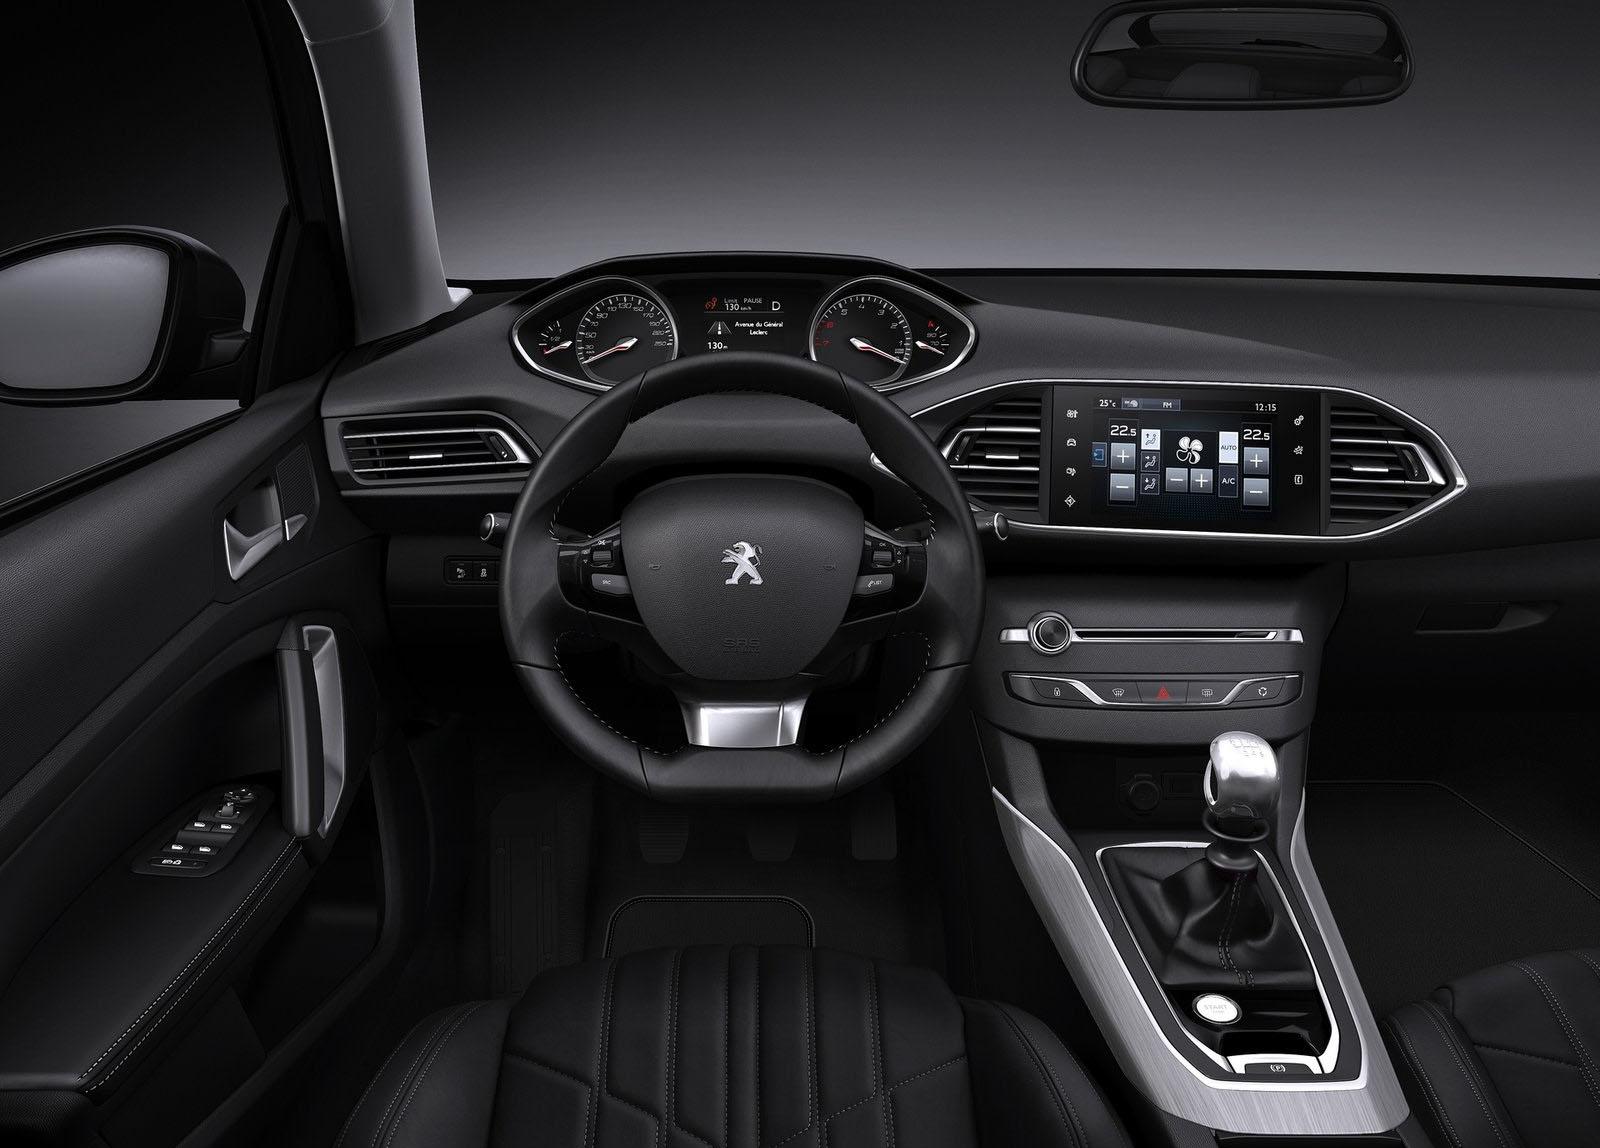 Peugeot 308 1.2 PureTech`in Yakıt Tüketimi Test Edildi